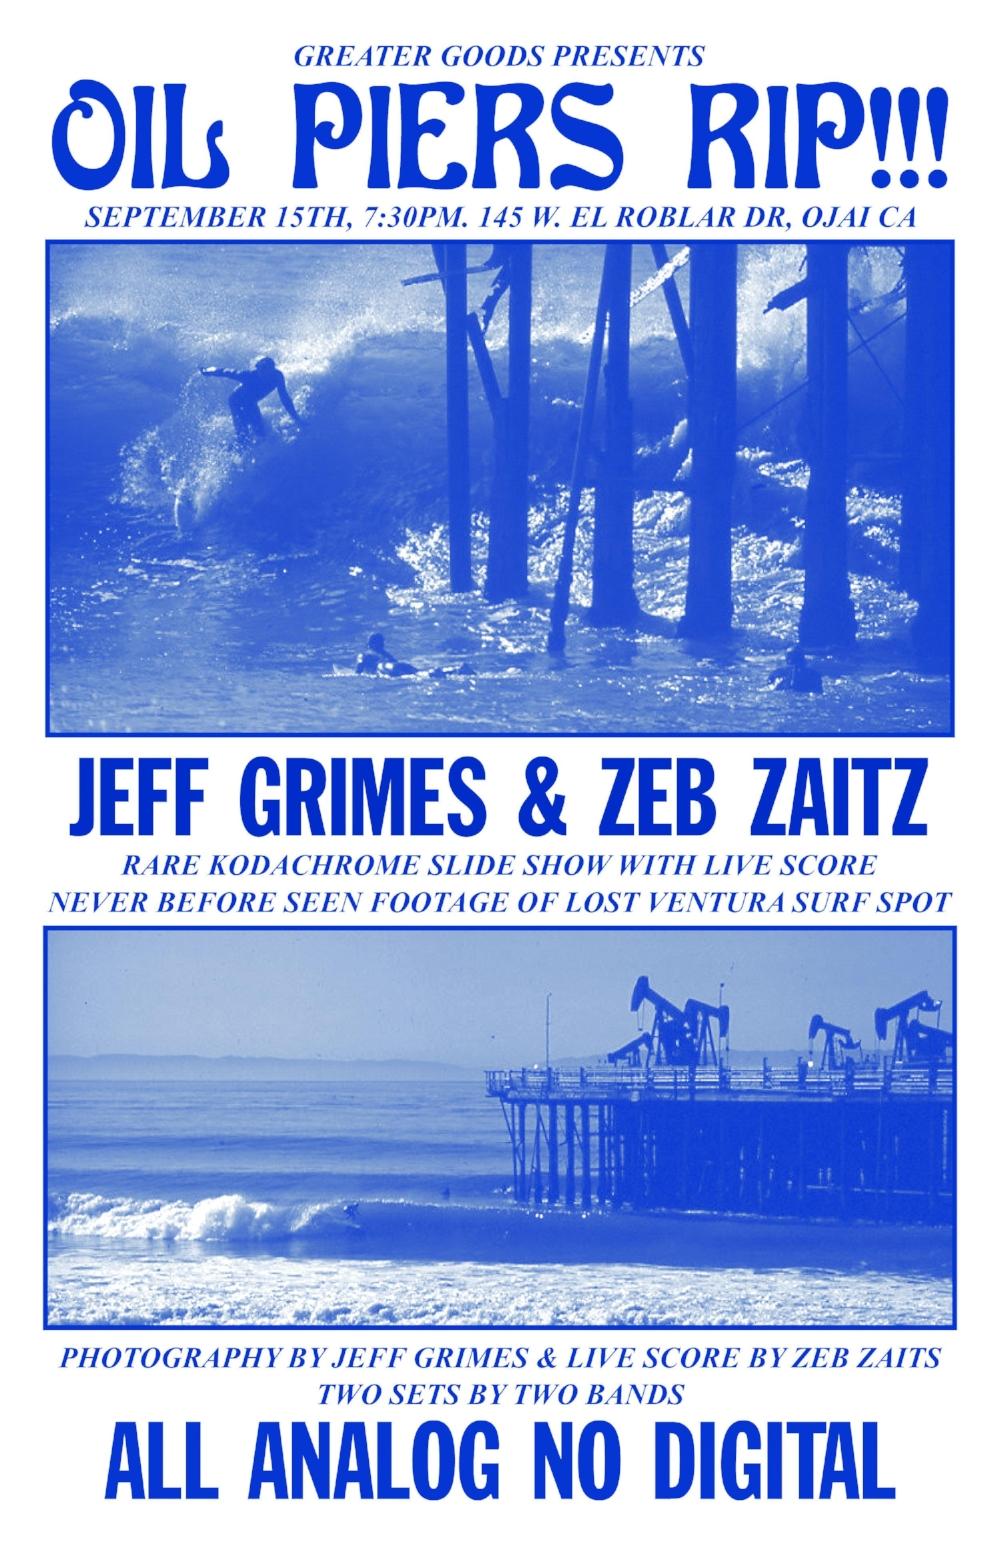 Oil Piers Poster.jpg